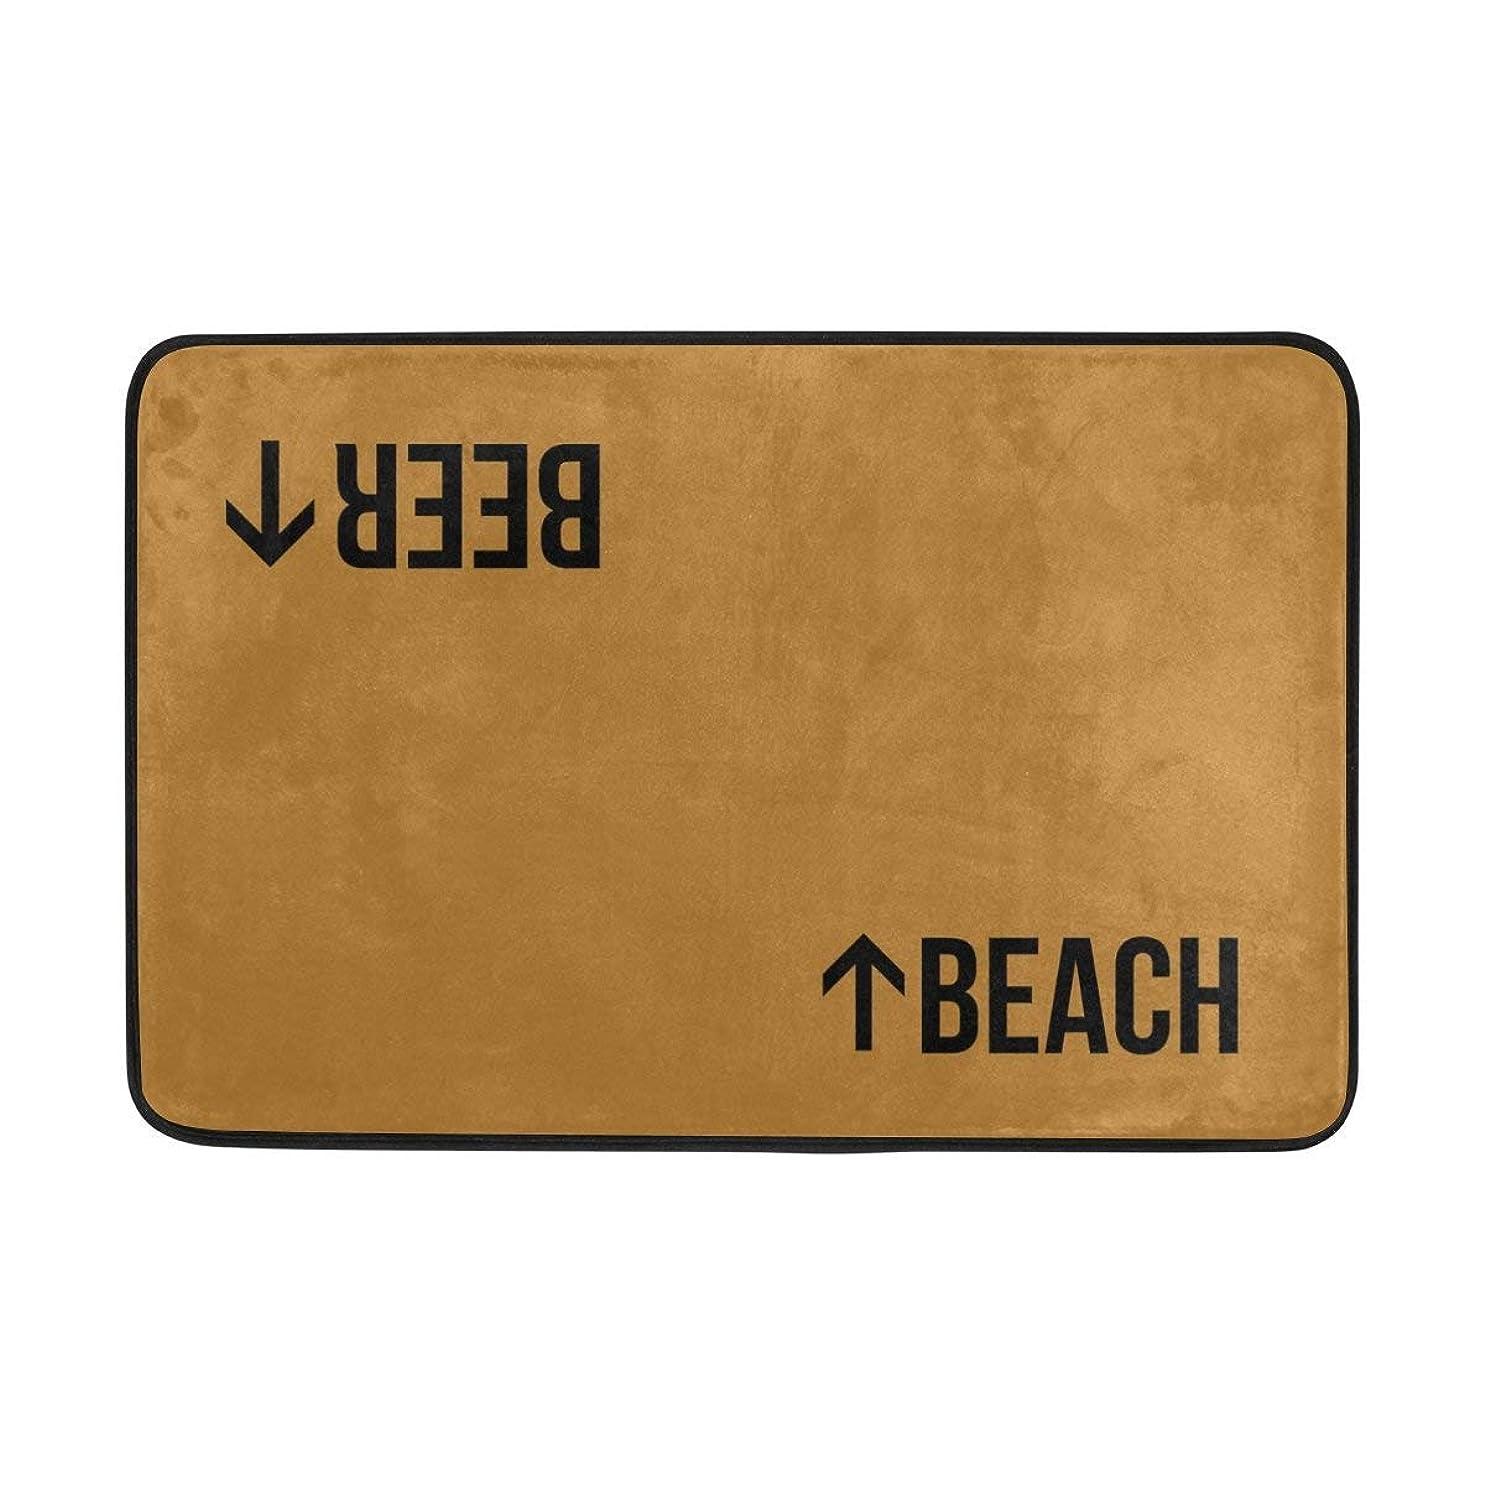 クリップ蝶ハイライト地平線玄関ドアマットビーチビール屋内/屋外の装飾ラグドアマット40×60センチインチ滑り止めの家の装飾